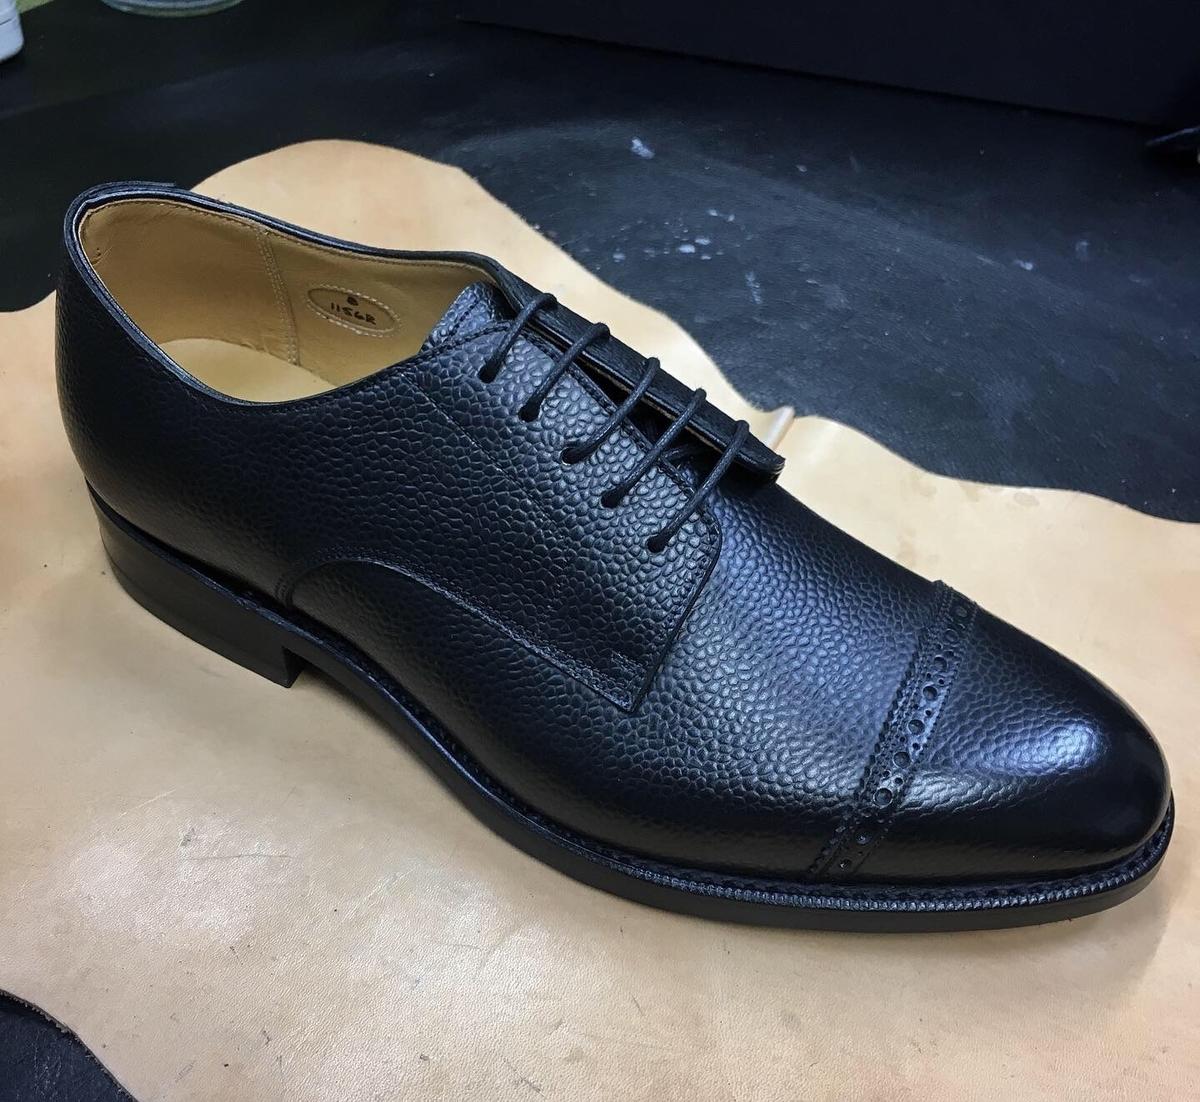 f:id:raymar-shoes:20190823215342j:plain